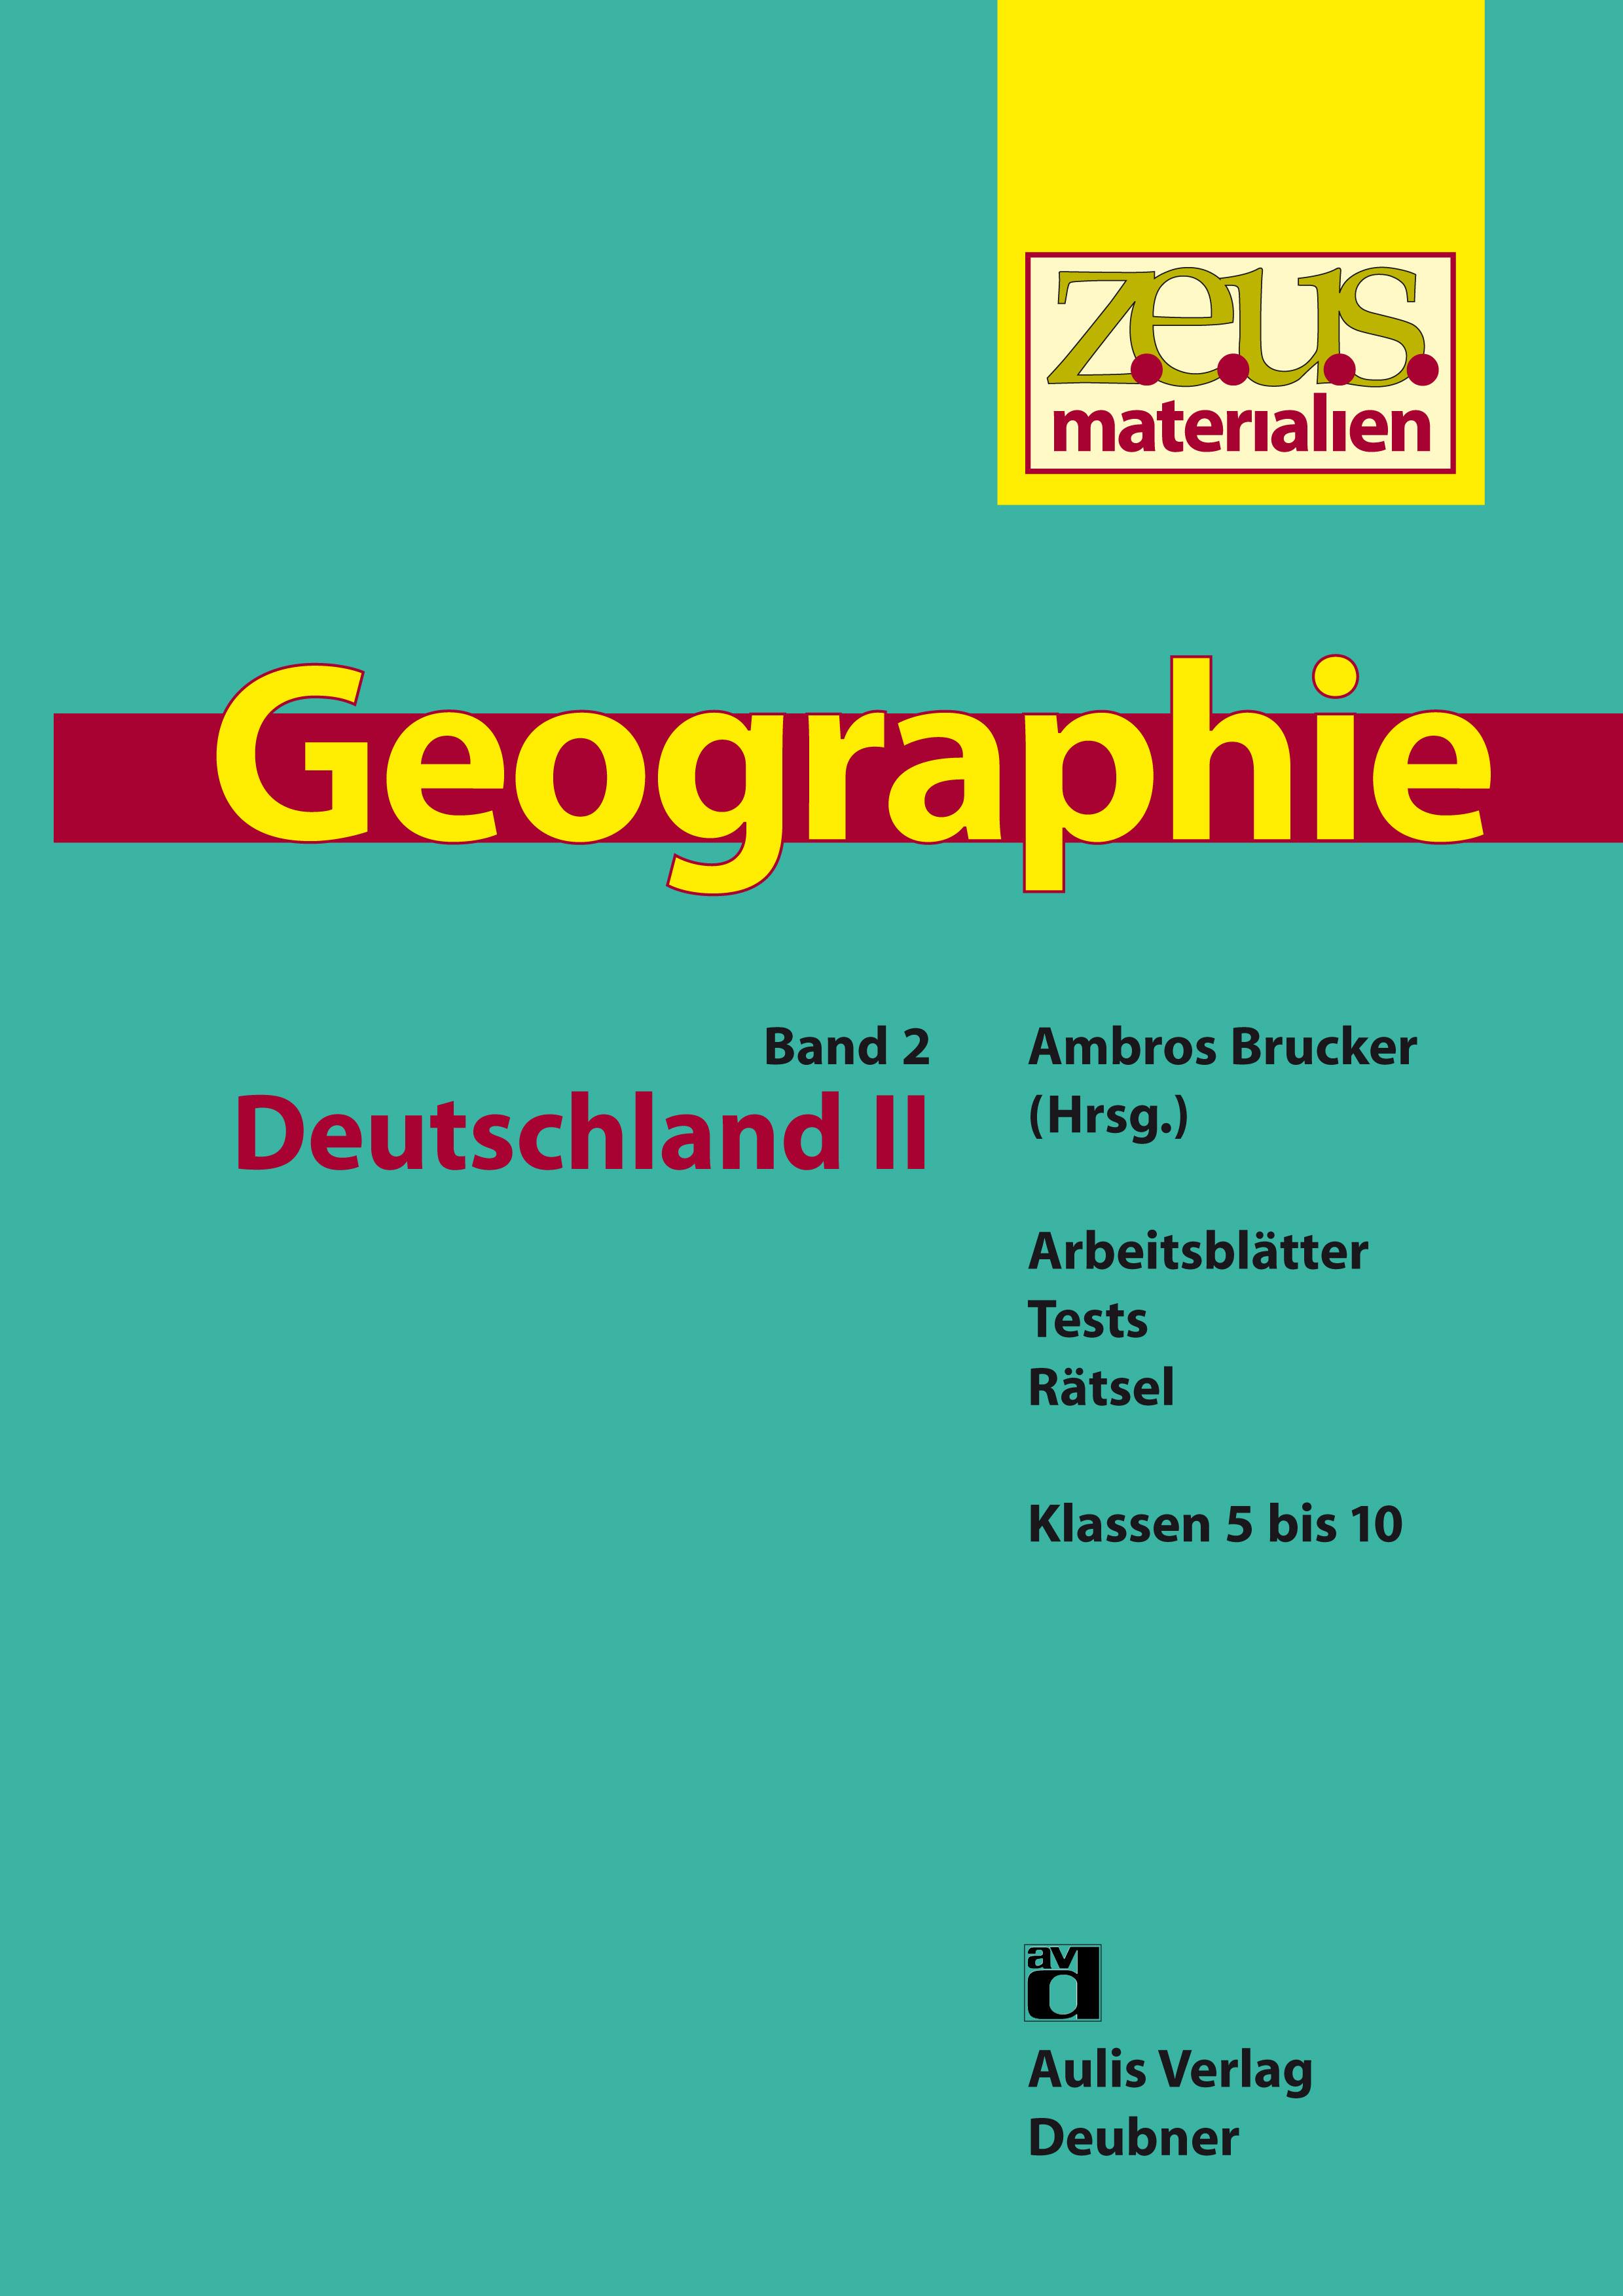 z.e.u.s. Materialien Geographie-Buchreihe – Band 2: Deutschland II